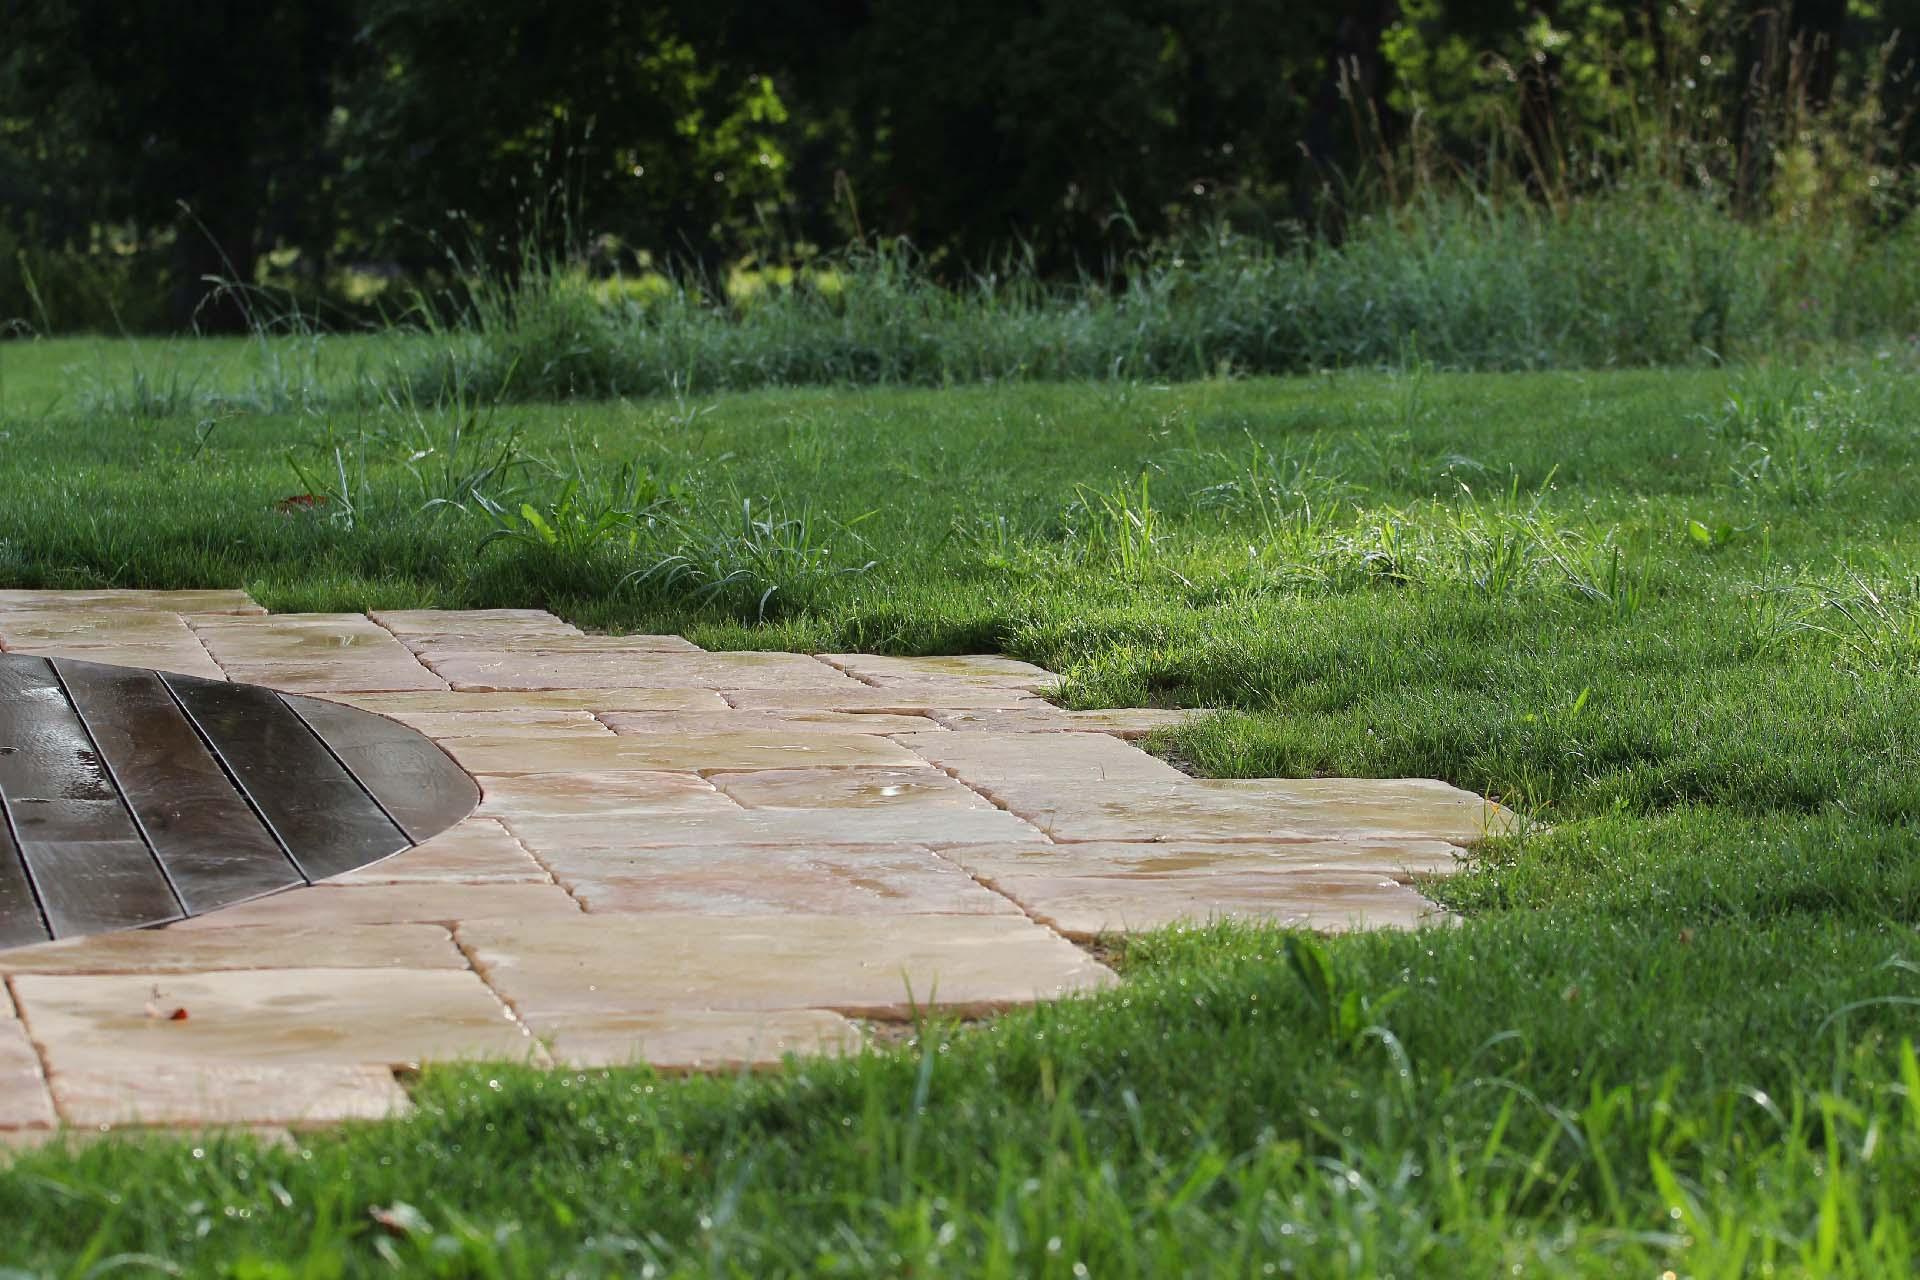 Un jardin m 39 a dit cr ateur de paysages paysagiste for Paysagiste createur de jardin